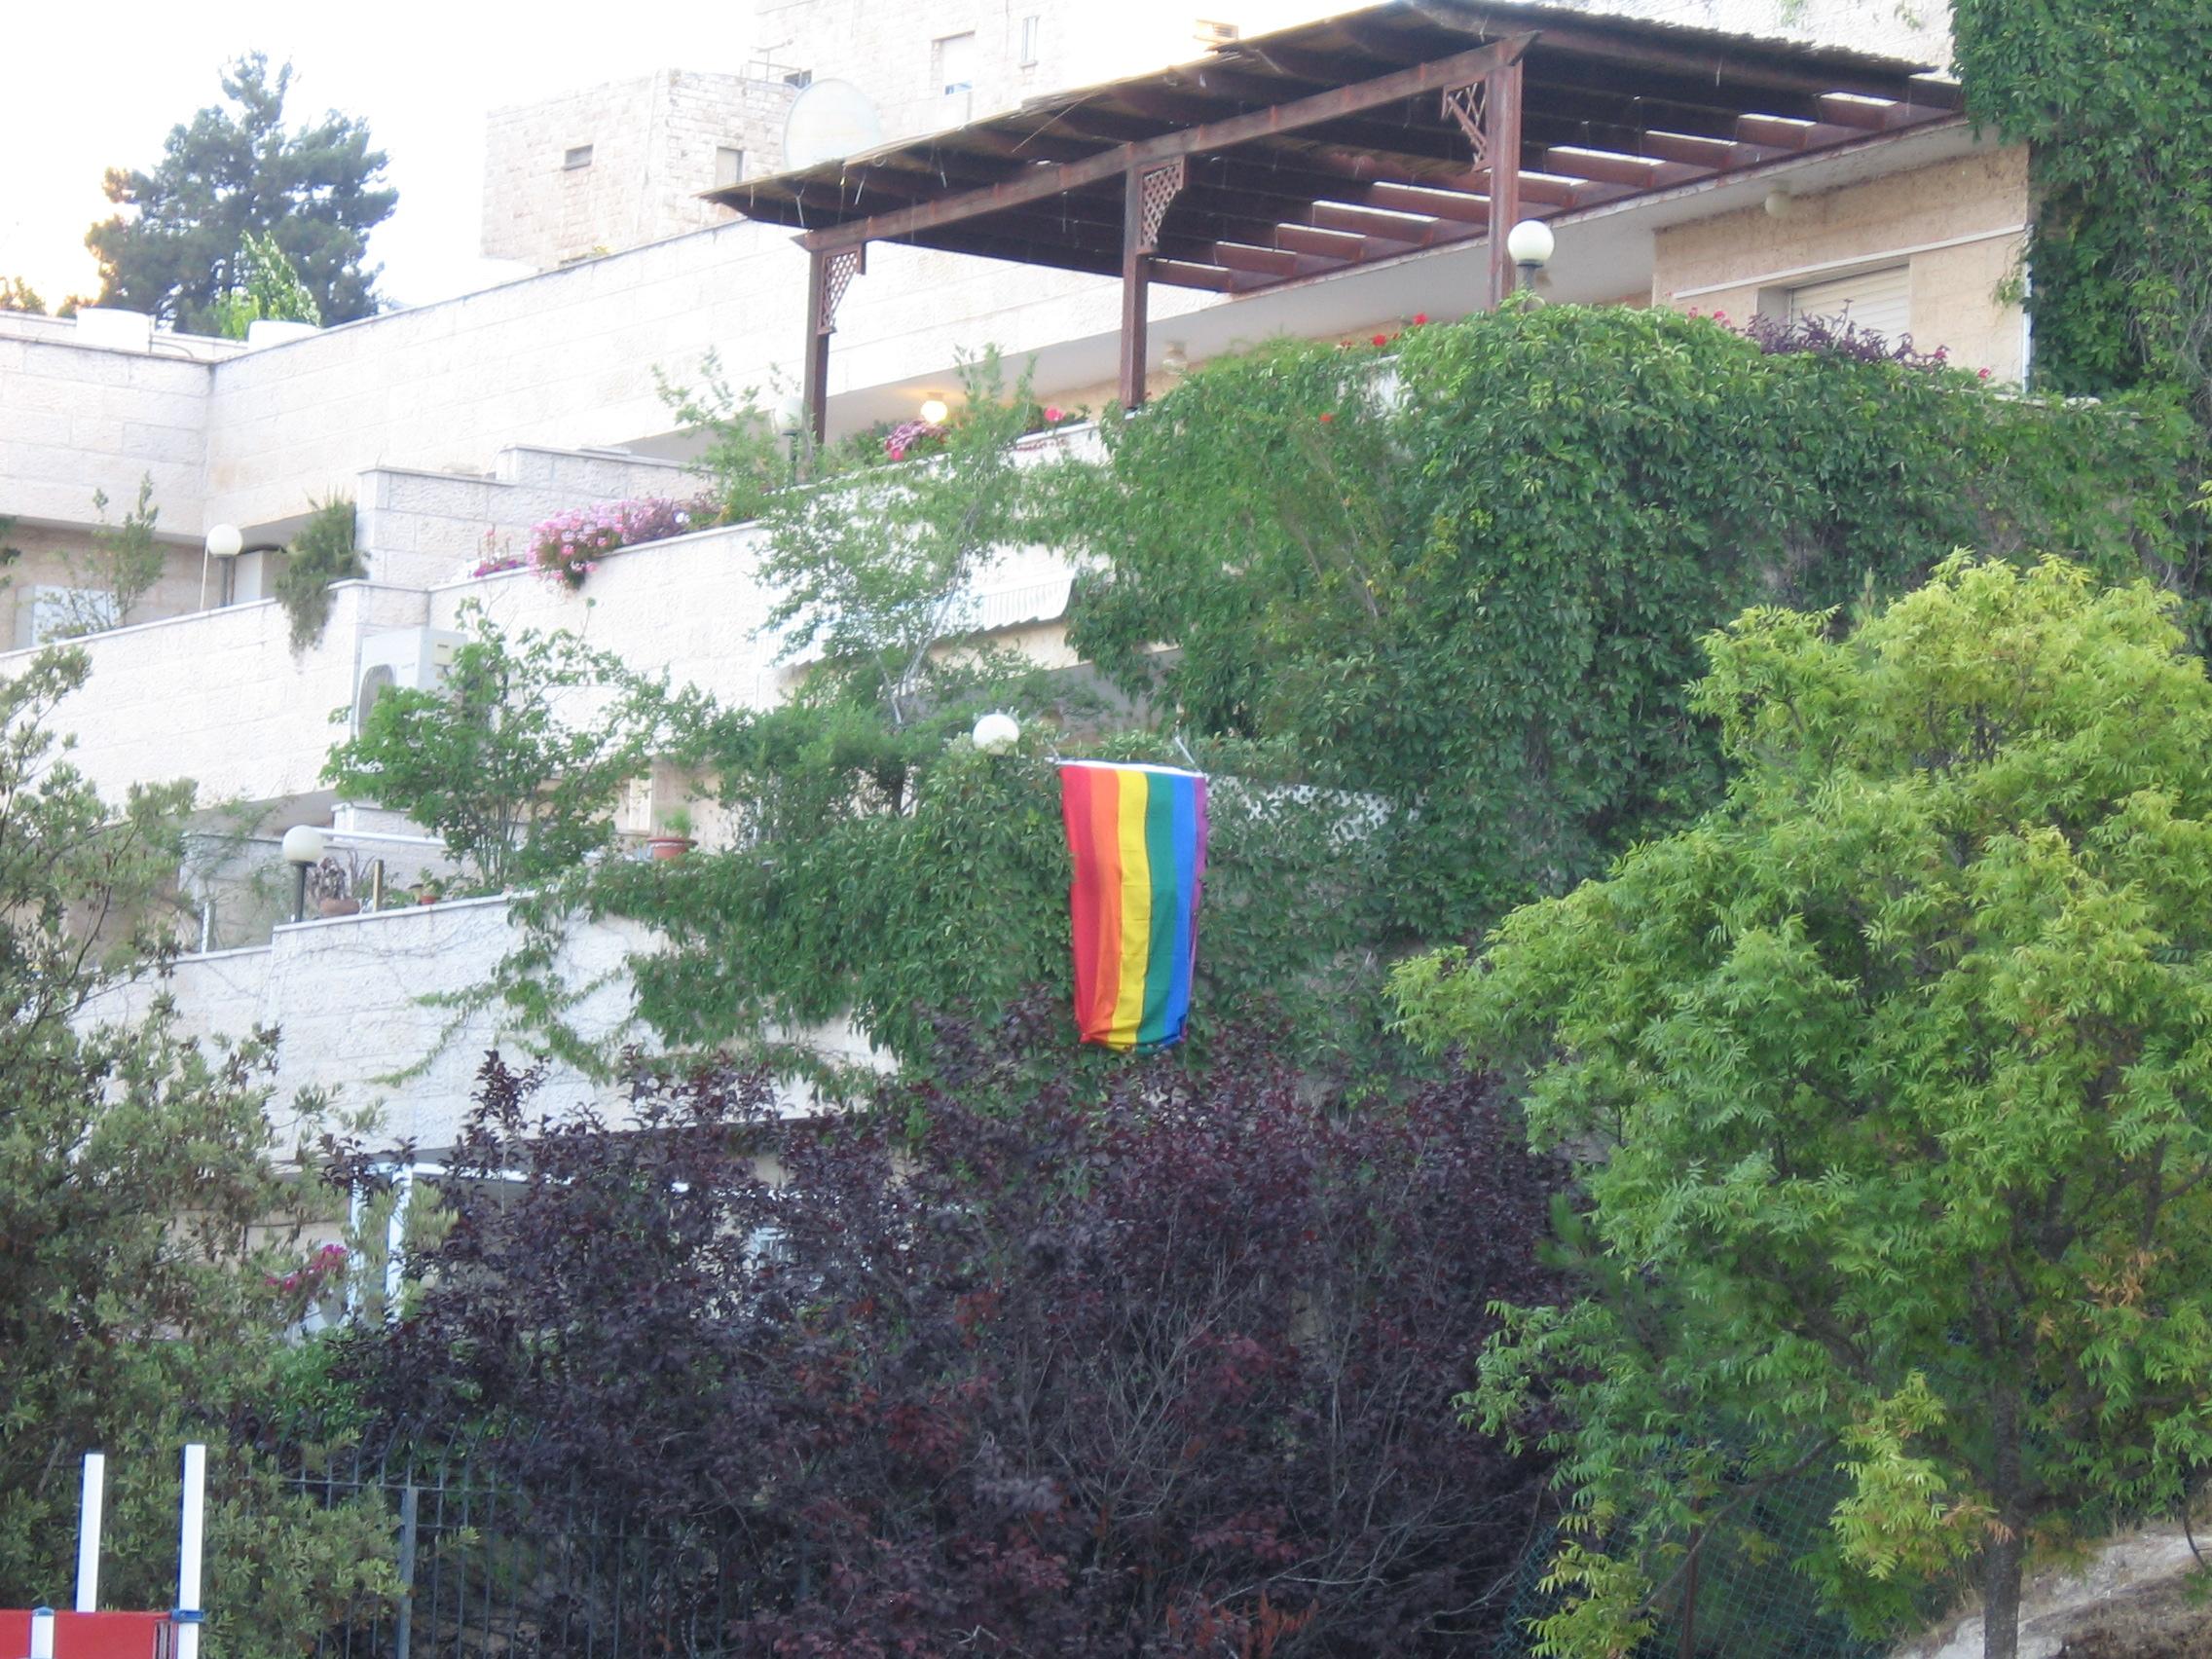 דגל הגאווה תולה על המרפסת שלנו